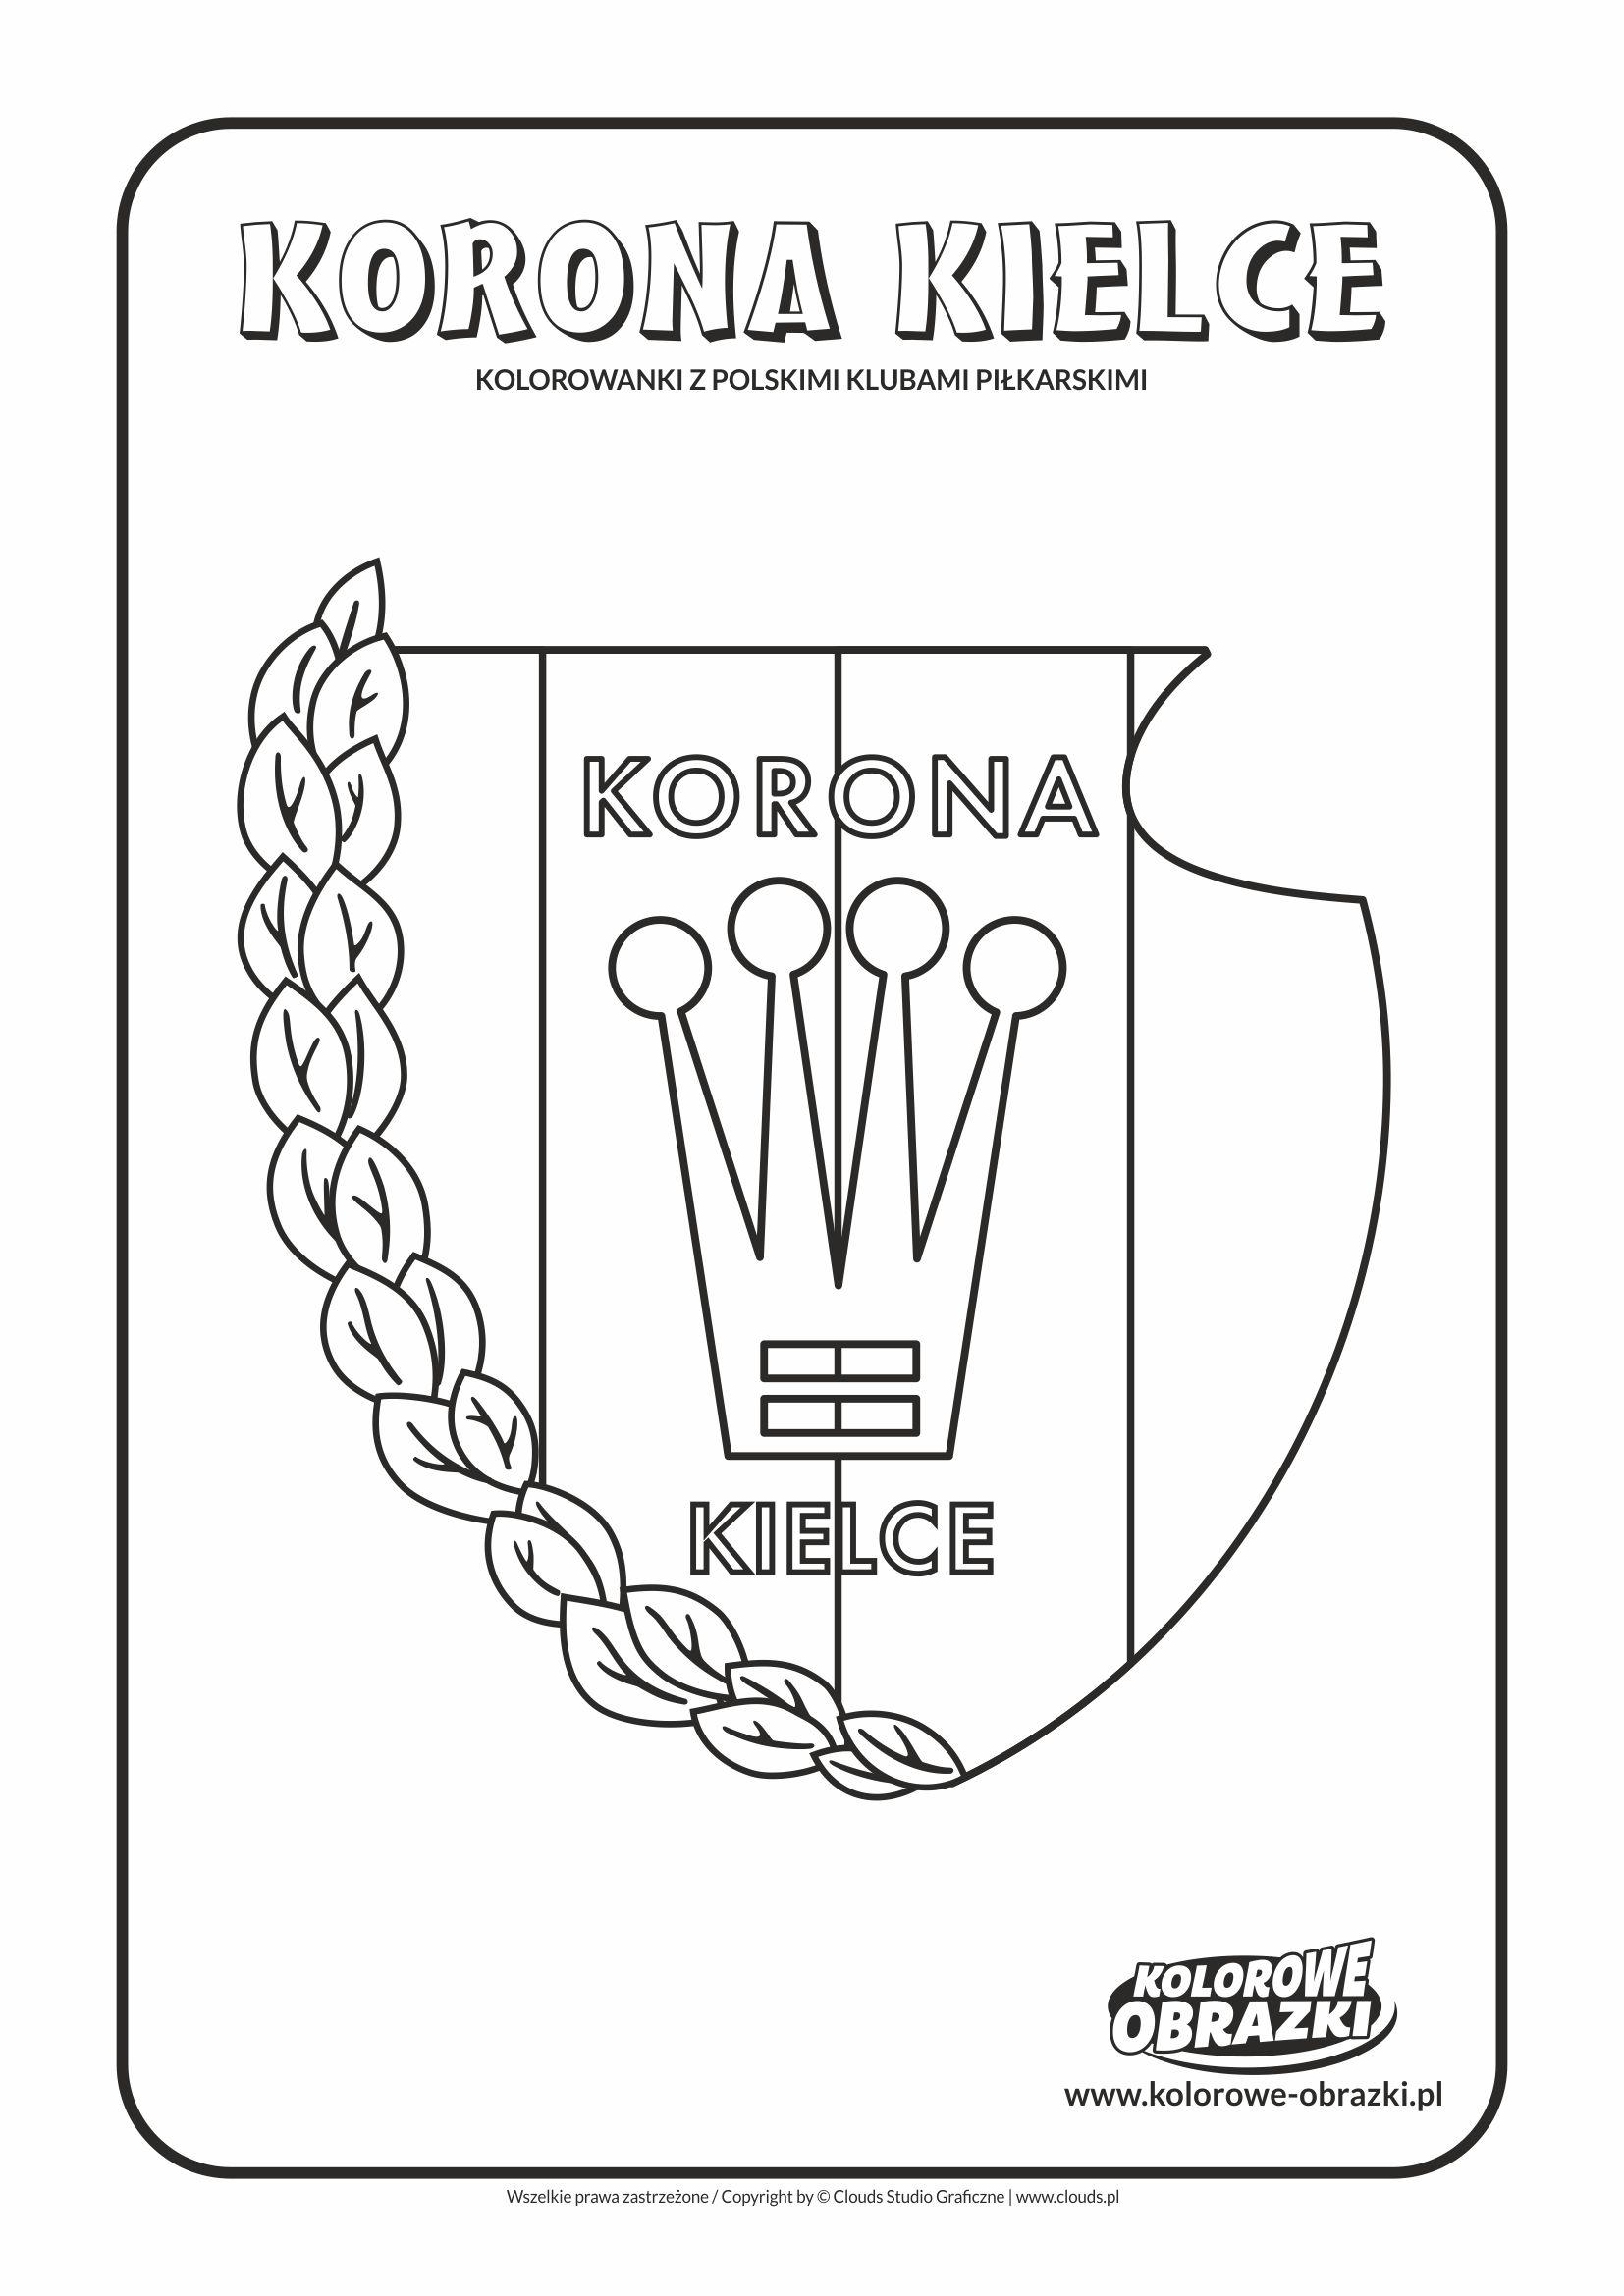 Kolorowanki dla dzieci - Polskie kluby piłkarskie / Korona Kielce. Kolorowanka z polskimi klubami piłkarskimi